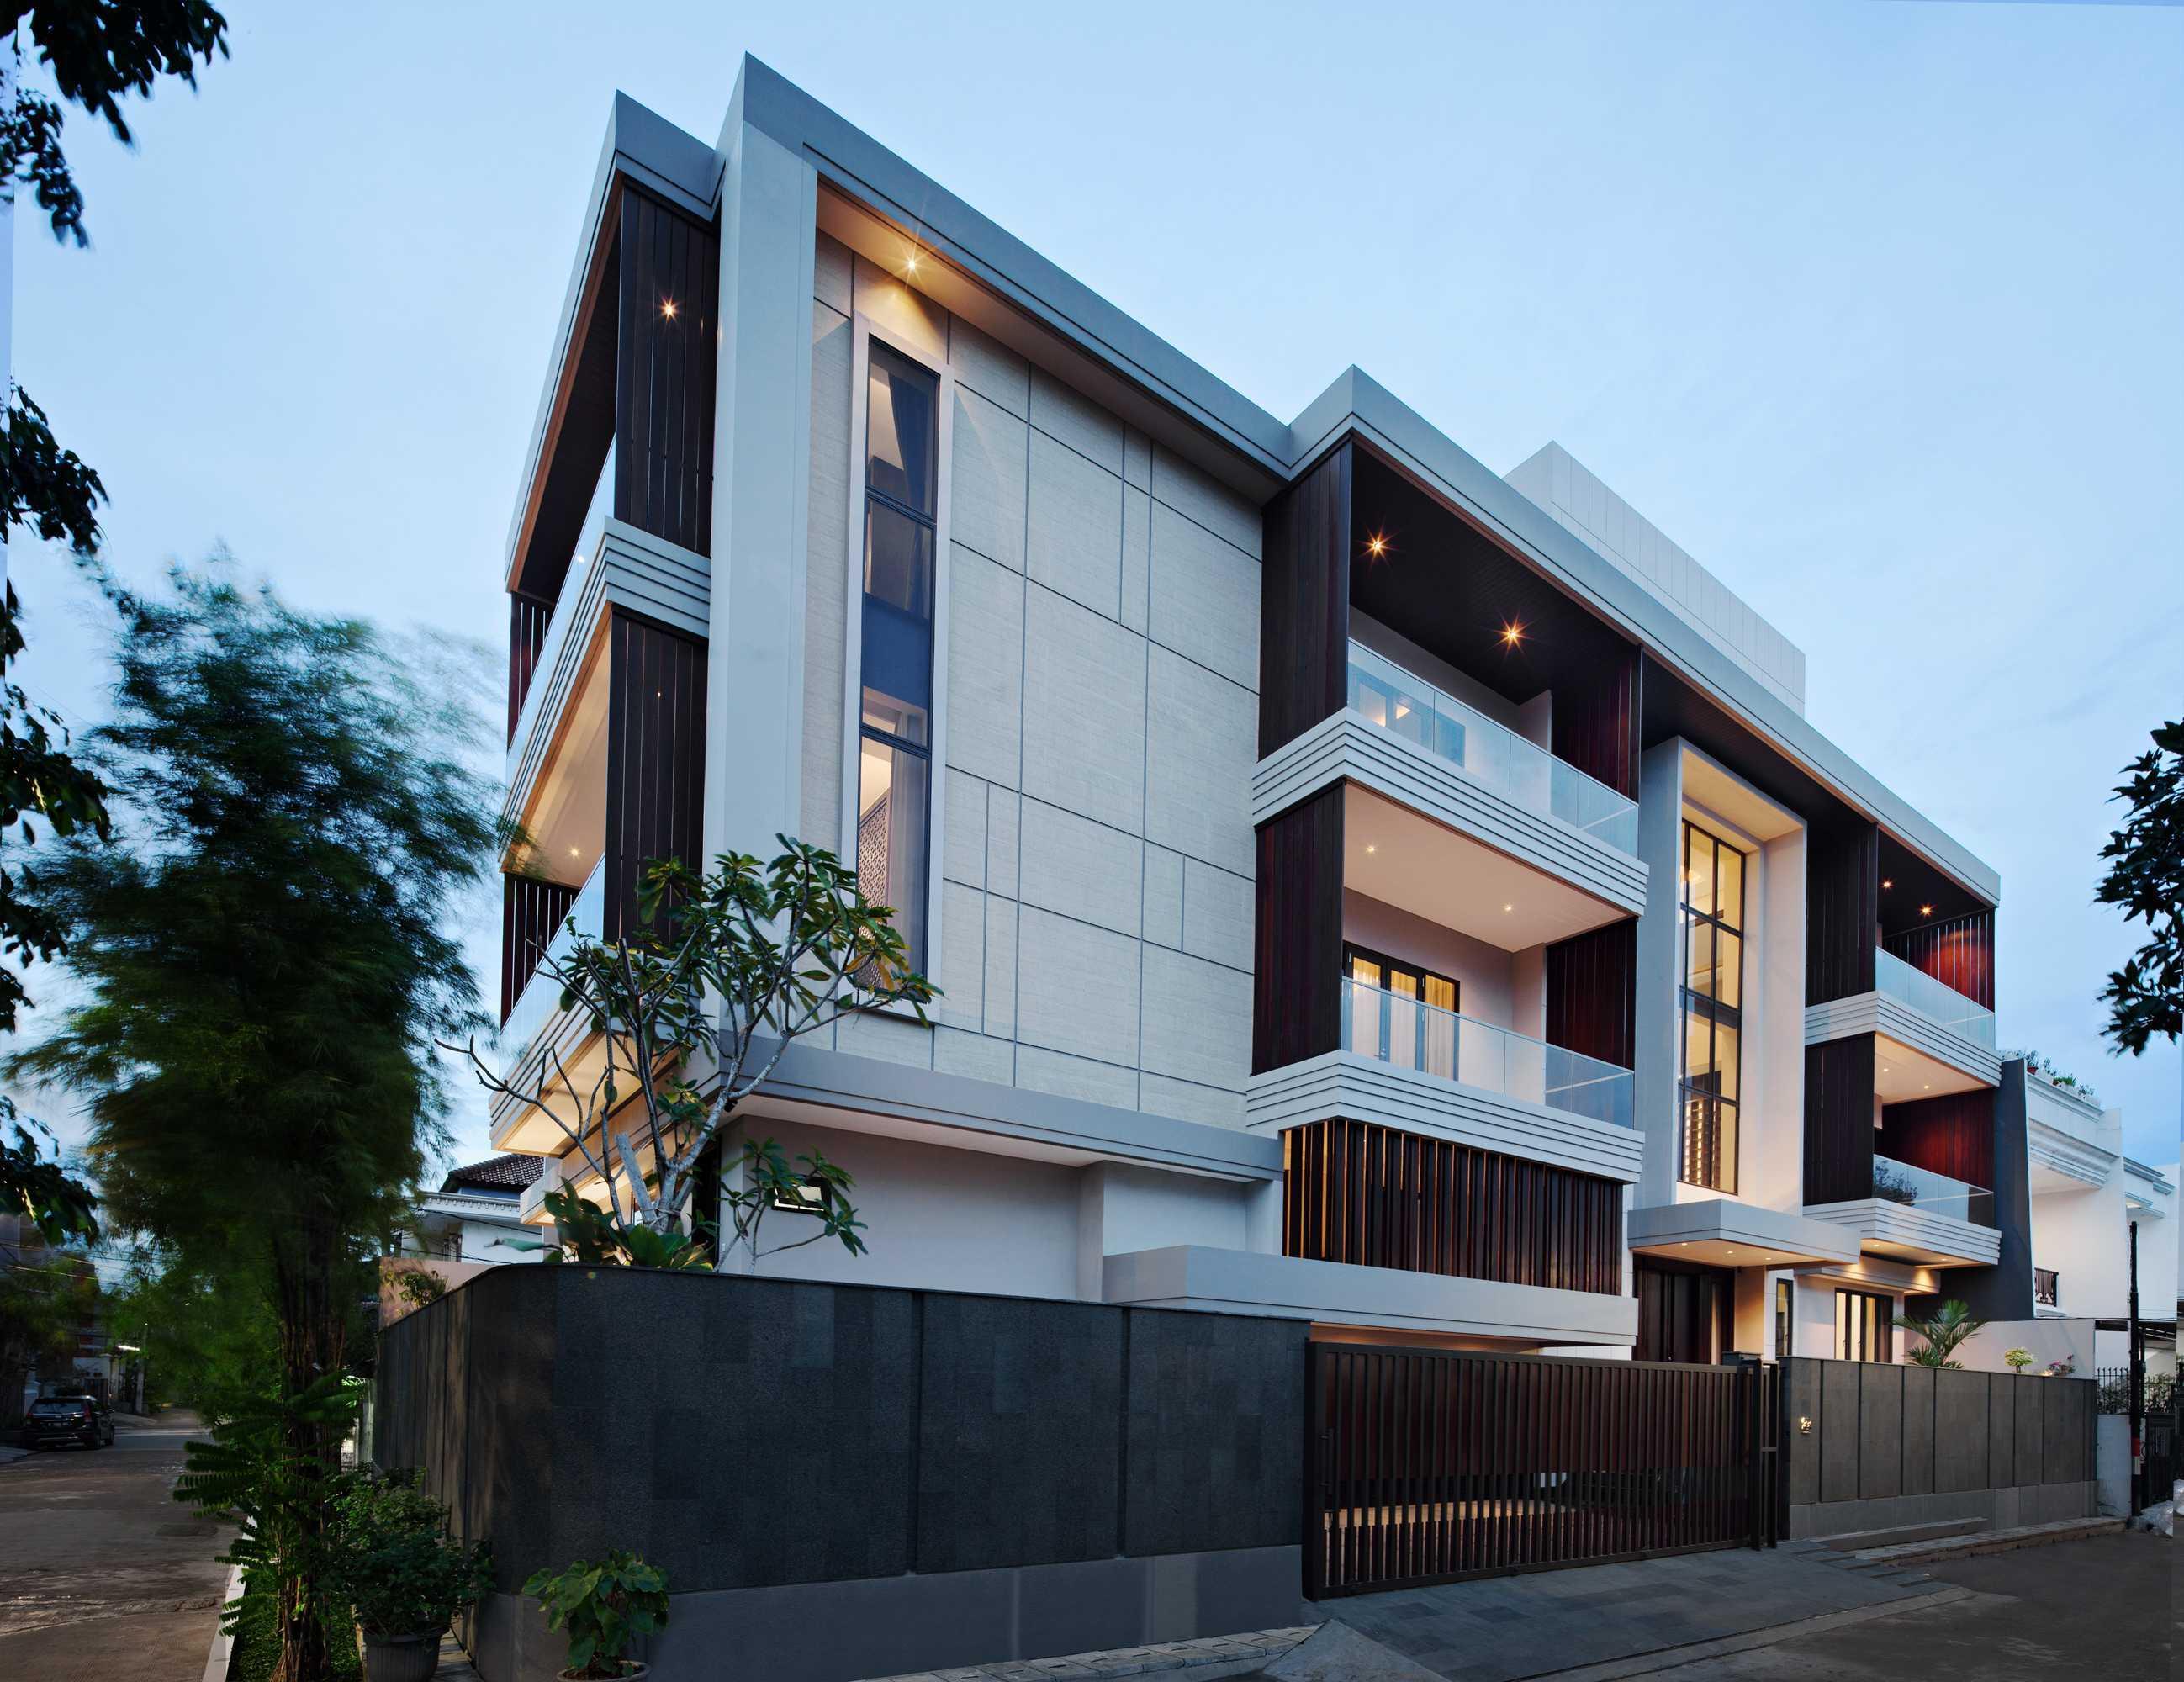 Alradistadesign St House, Sunter Sunter Jakarta Sunter Jakarta Alradistadesign-St-House-Sunter Modern  50505